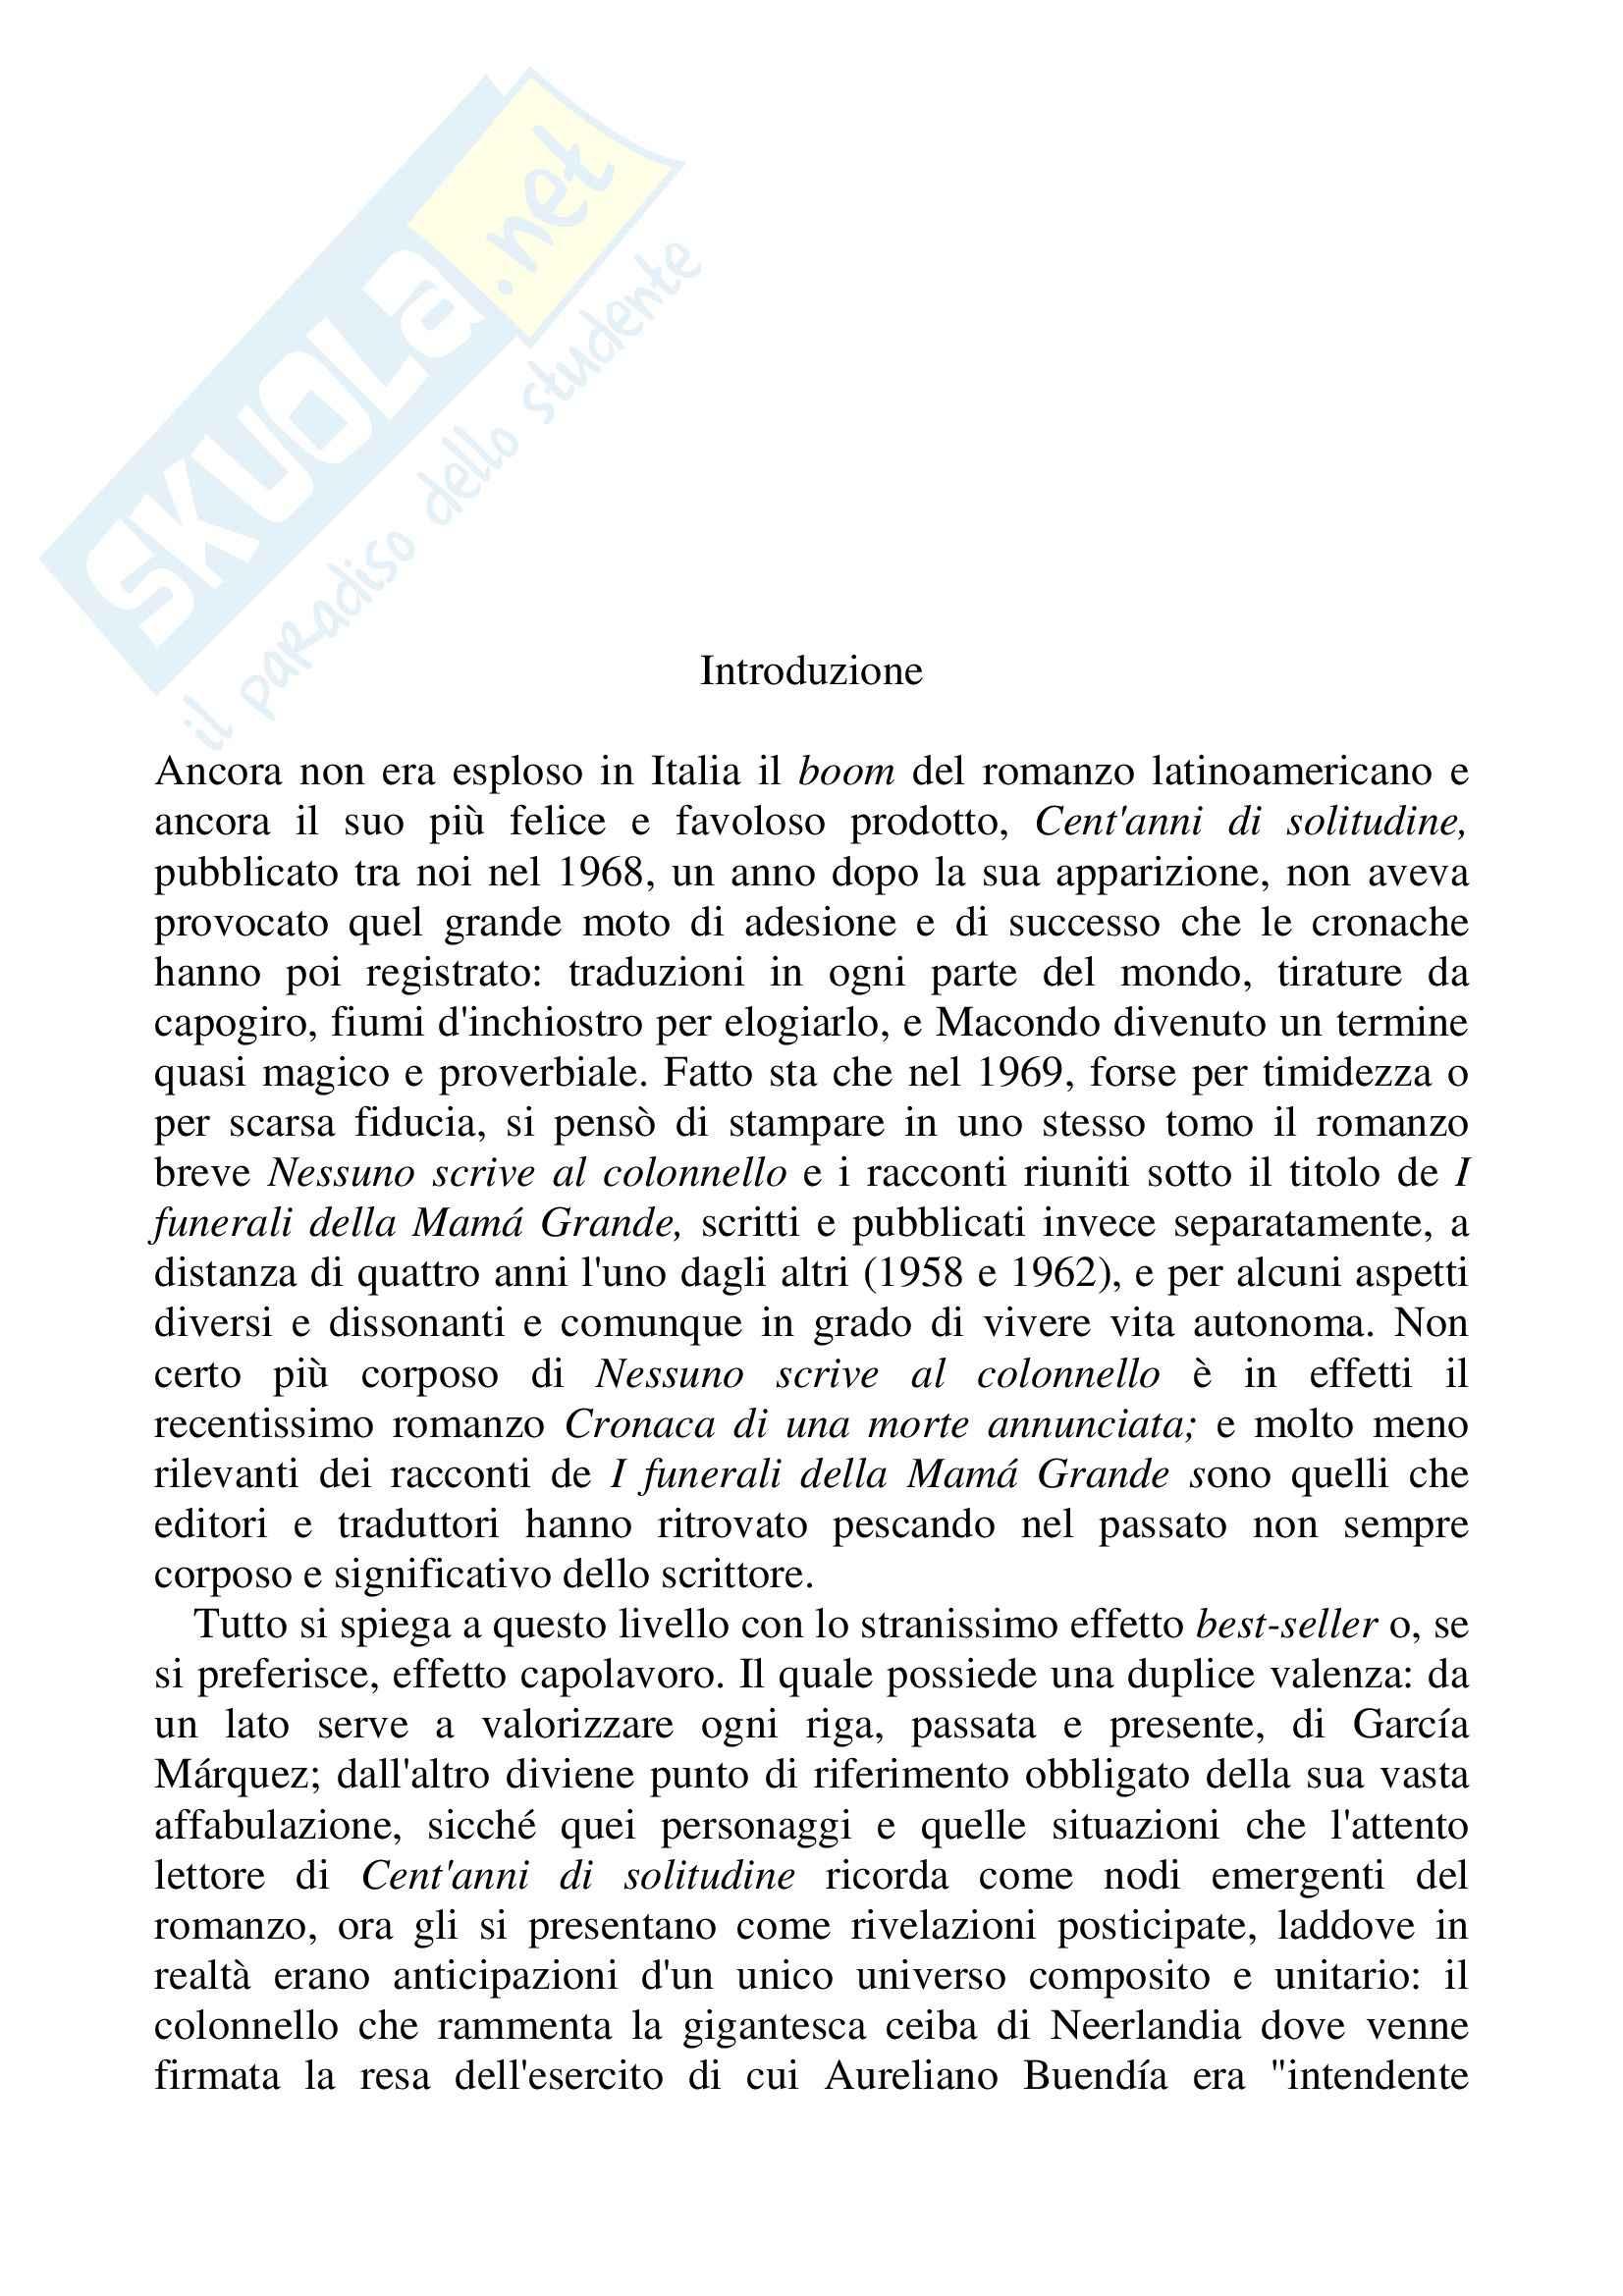 Riassunto esame Lingua Spagnola, prof. Gomez, libro consigliato Nessuno scrive al colonnello, Gabriel Garcàa Marquez